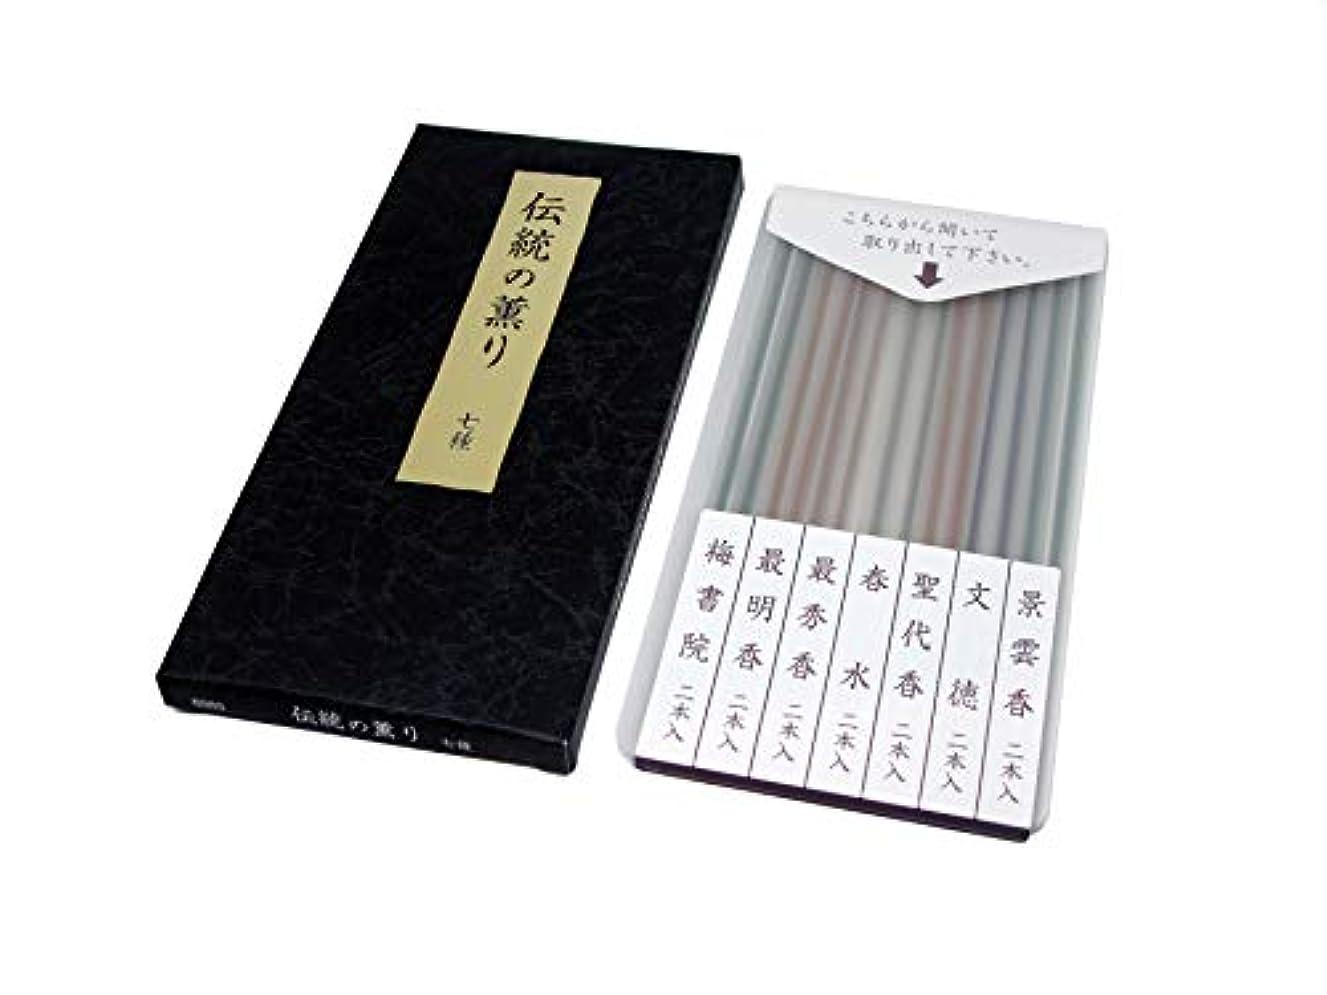 に対応テラスストレンジャーGyokushodo 優れたお香スティック 伝統的な香りのサンプラー - 5.5インチ - 7種類 各2本 - 日本製